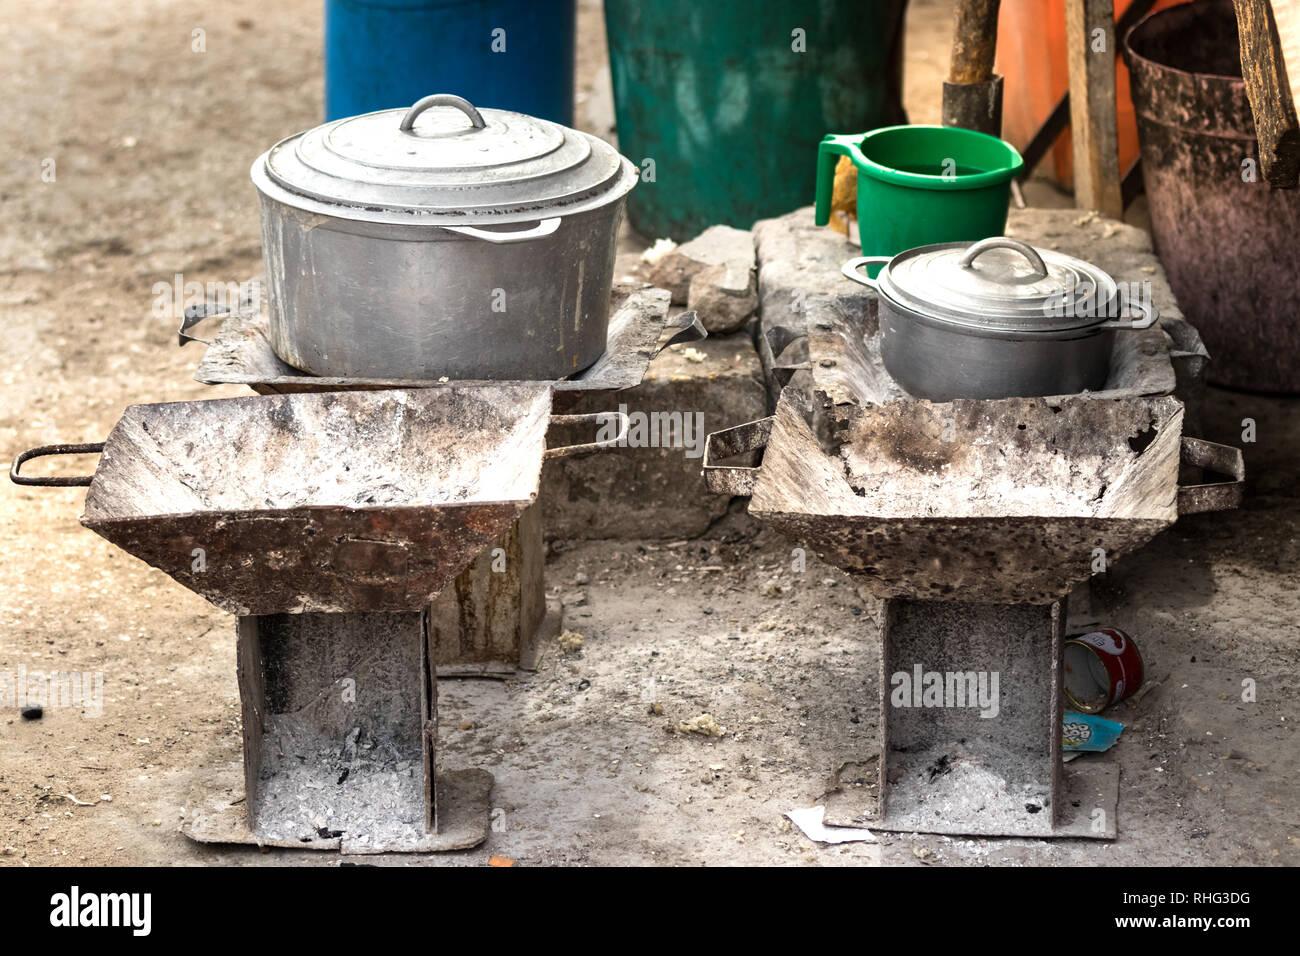 Les poêles du charbon de bois rustique et une batterie de cuisine, casseroles et poêles sur le plancher sur le marché local de Toliara, Madagascar. Photo Stock